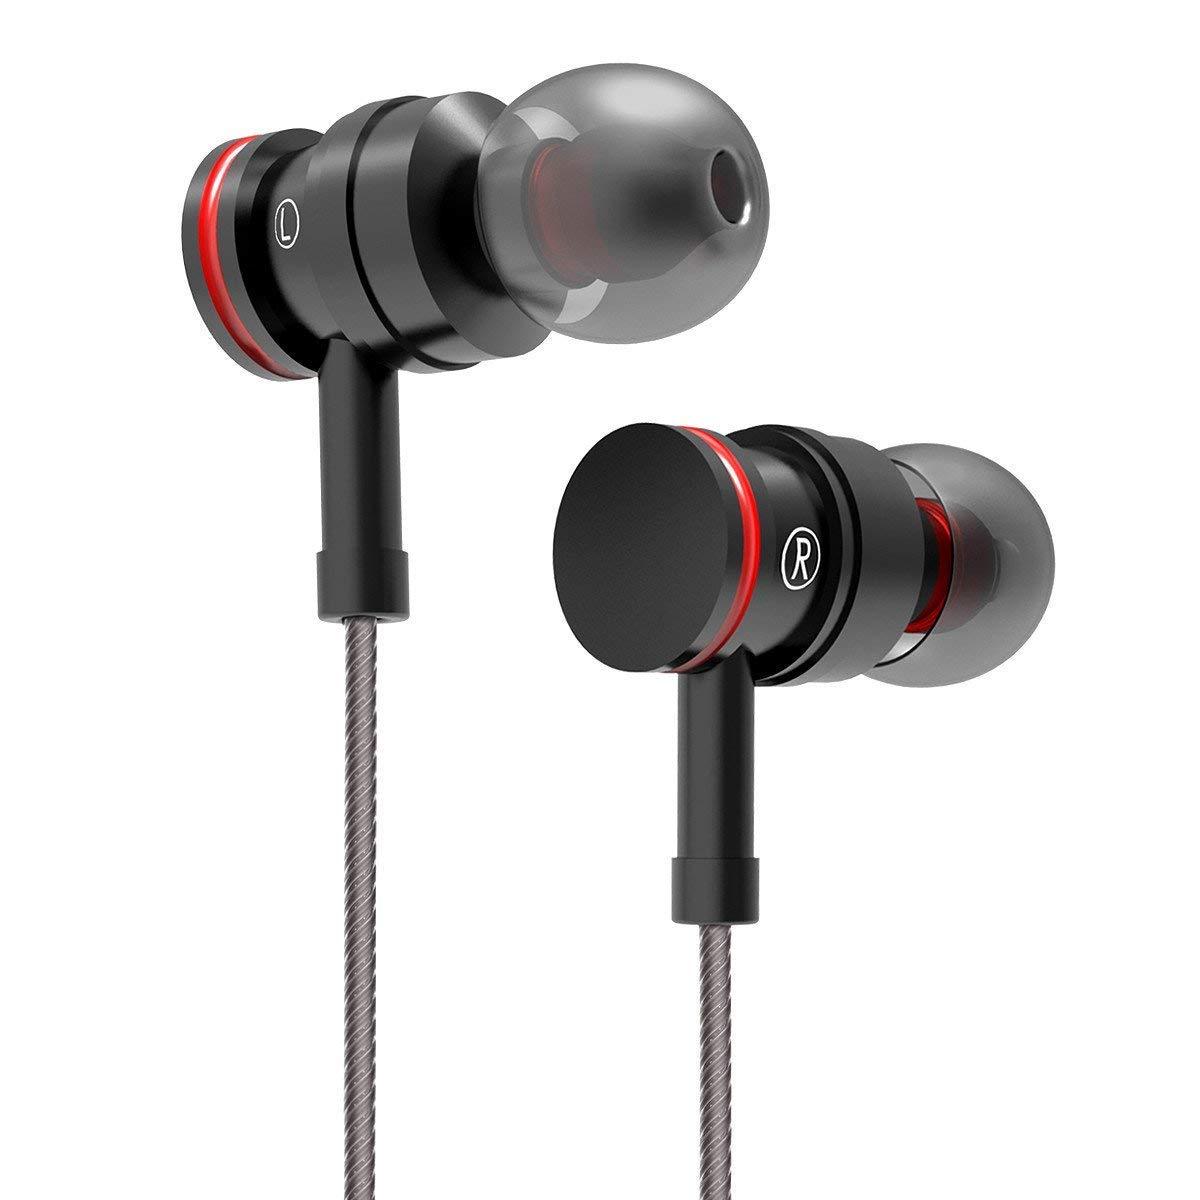 Earphones Earbuds Headphones Microphone Control